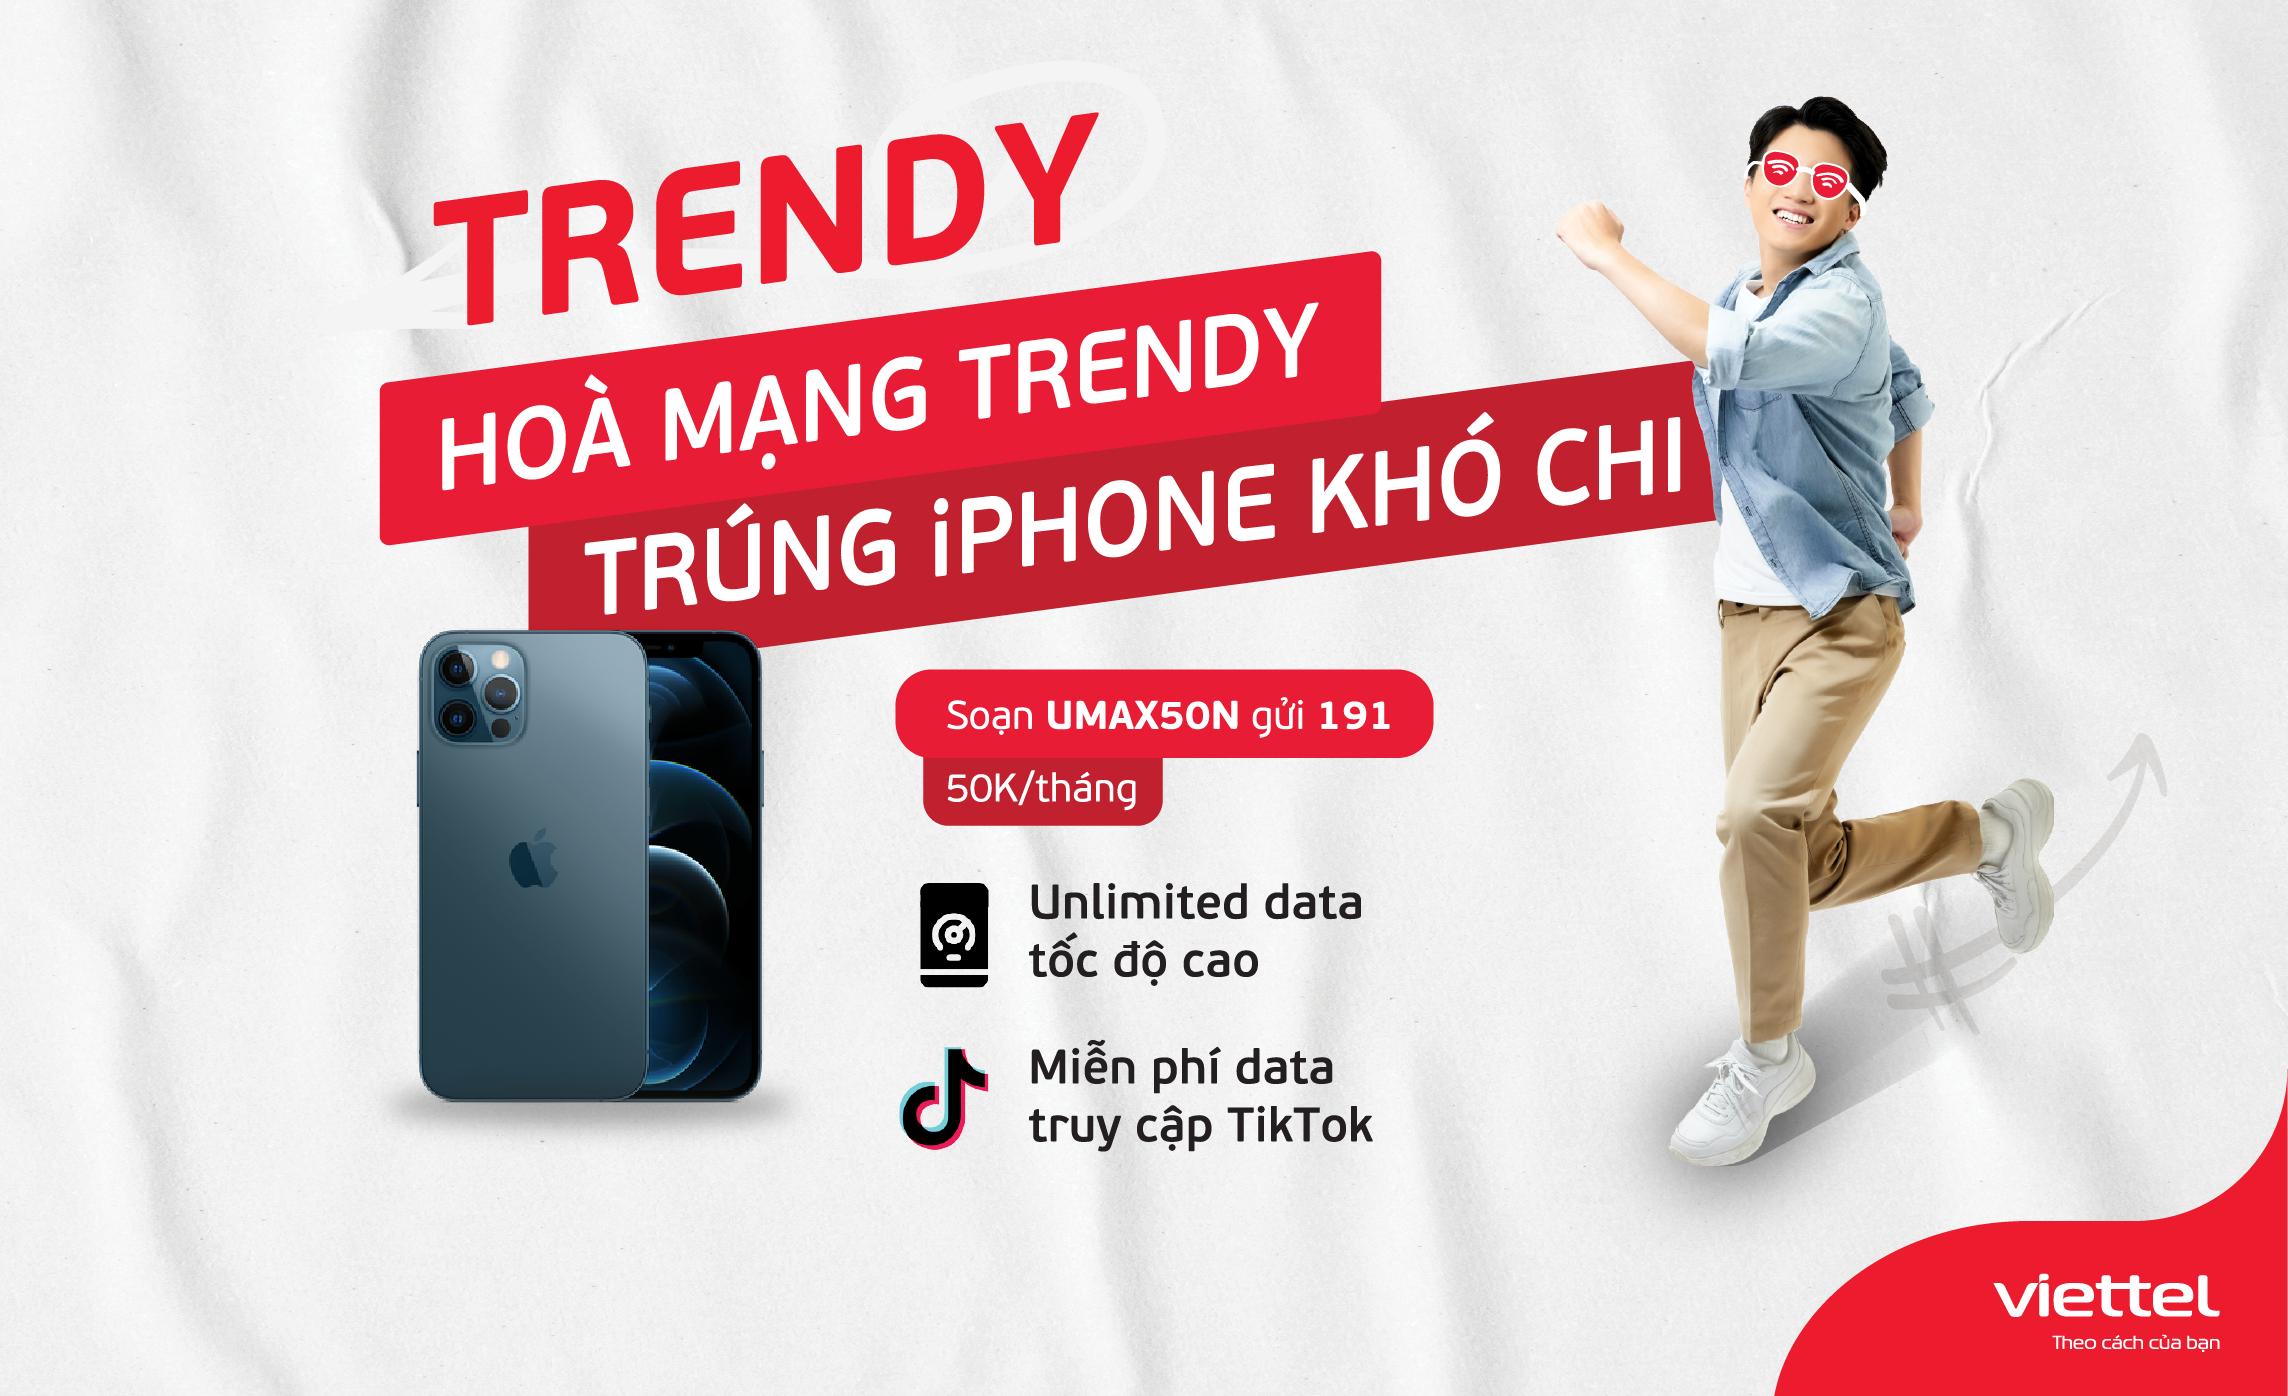 Ưu đãi độc quyền dành cho Khách hàng trẻ: Hoà mạng Trendy – Trúng iPhone khó chi!